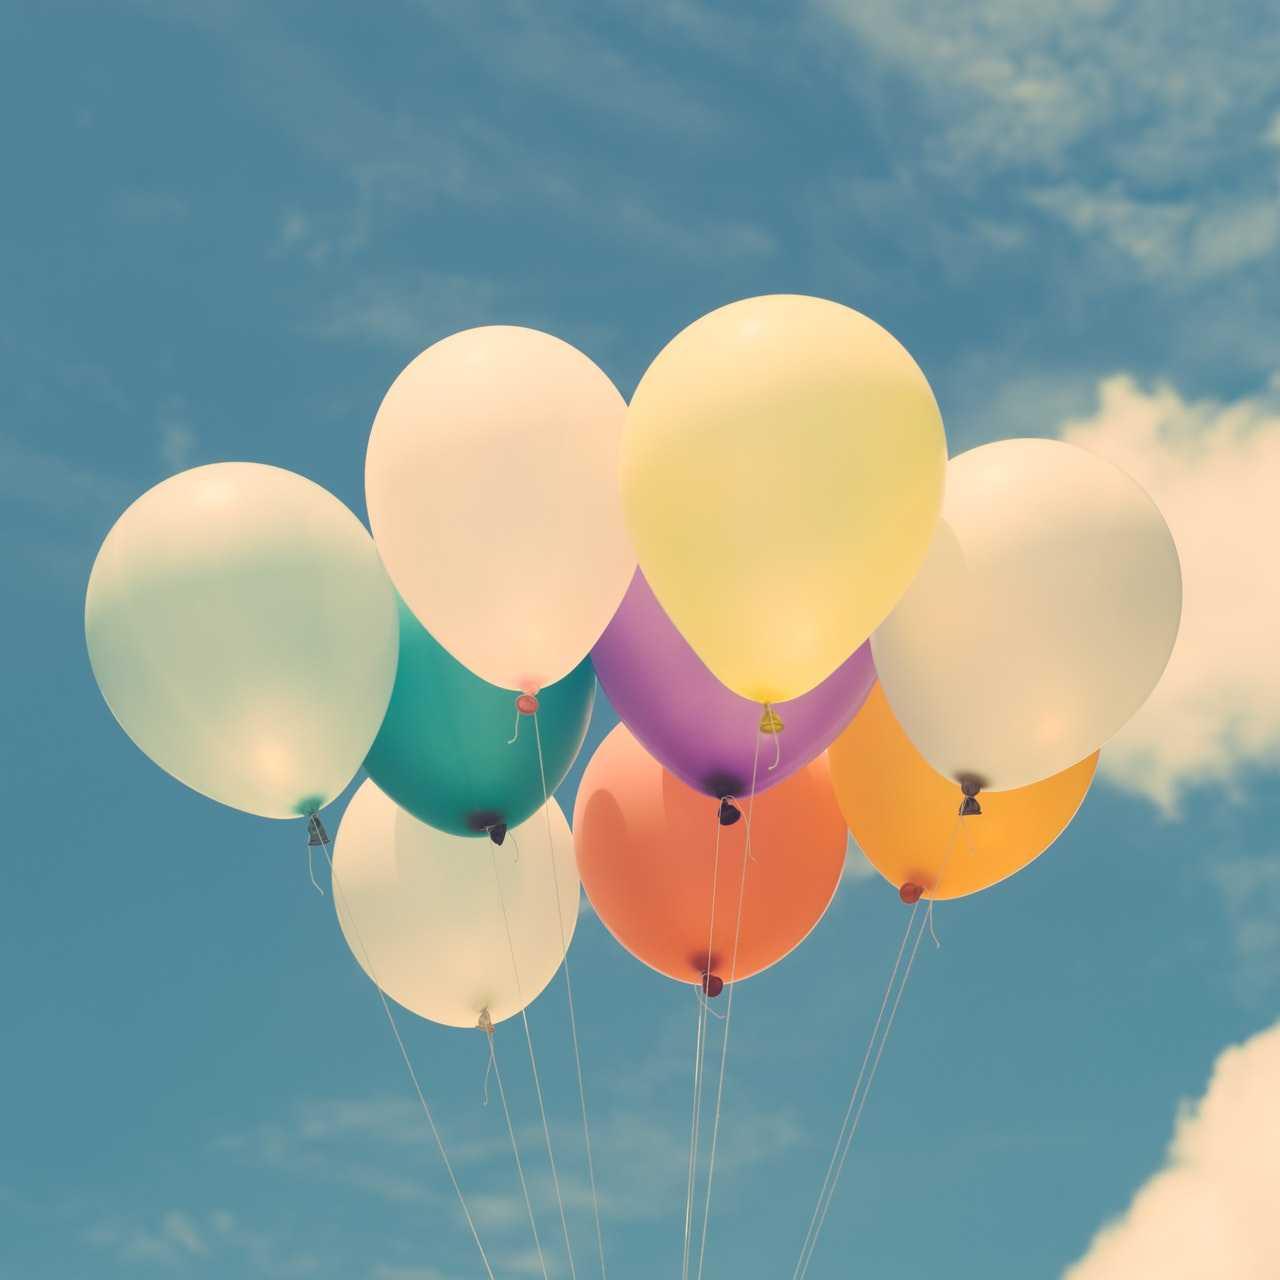 vergoeding maagballon